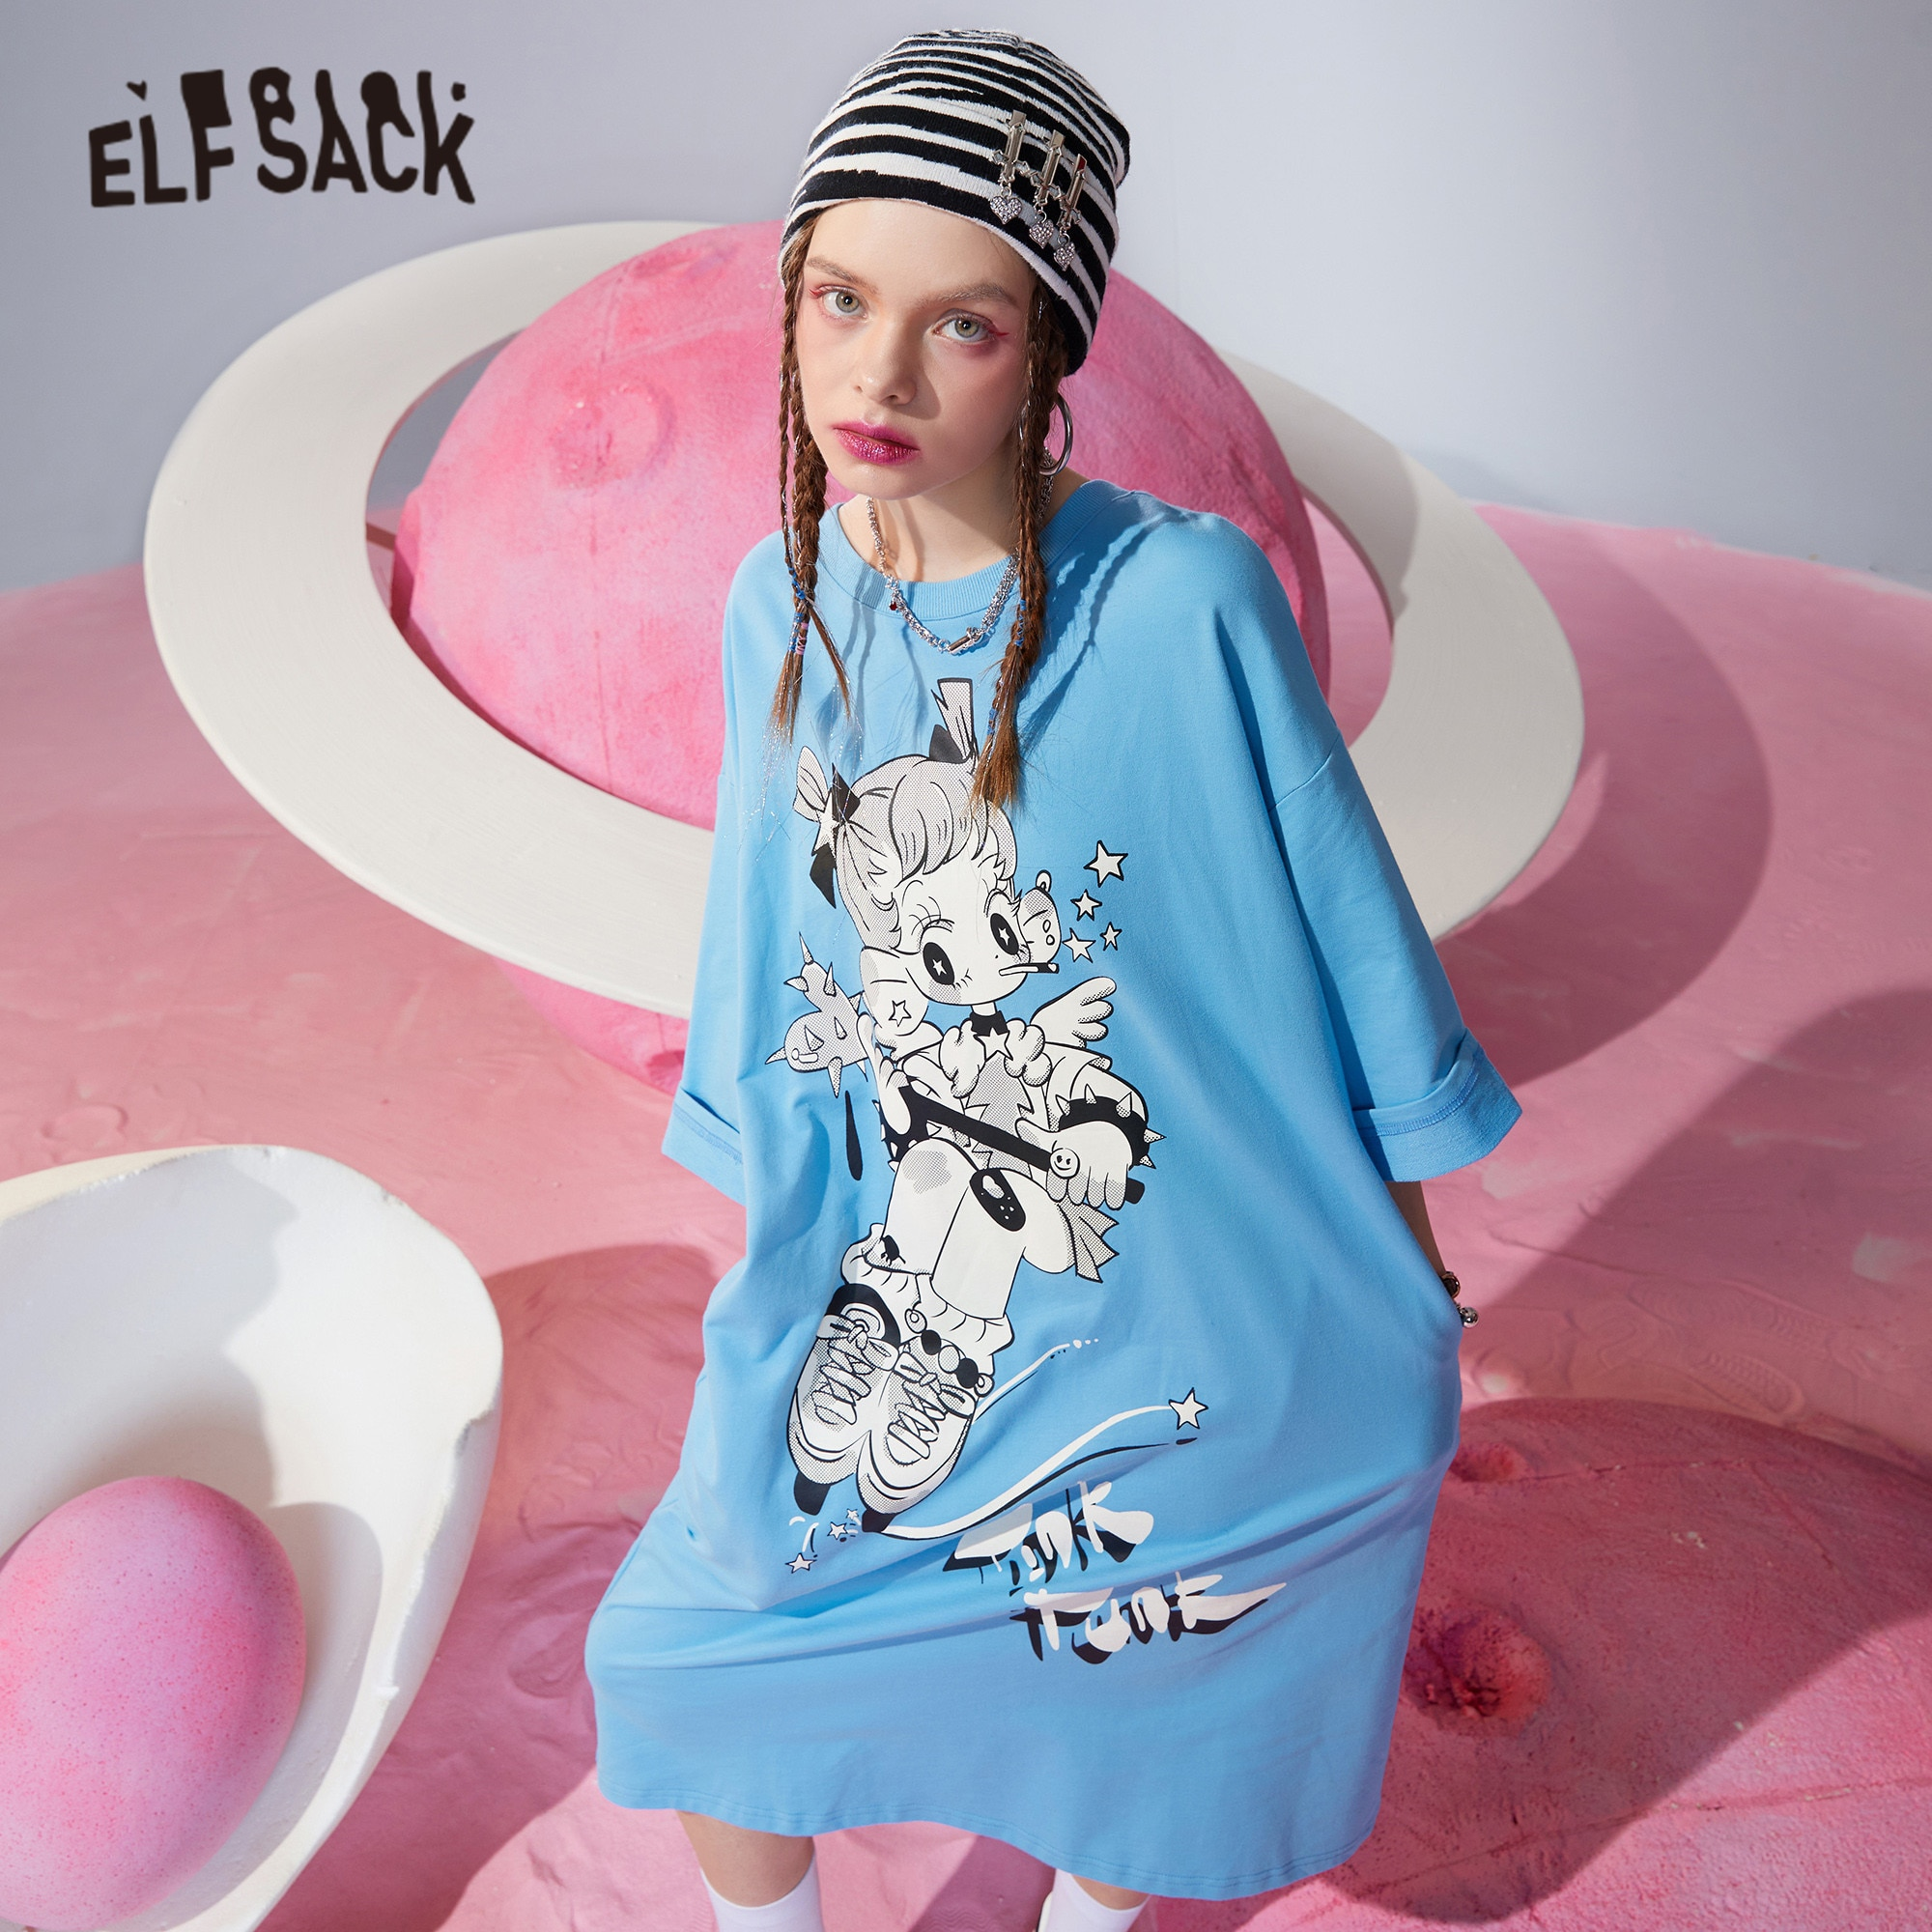 ELFSACK-فستان نسائي عتيق غير رسمي مستقيم بطبعة جرافيك ، فستان نسائي عتيق غير رسمي ، مع فيونكة ، رسن ، فستان صيفي كوري ، Harajuku ، ربيع 2021